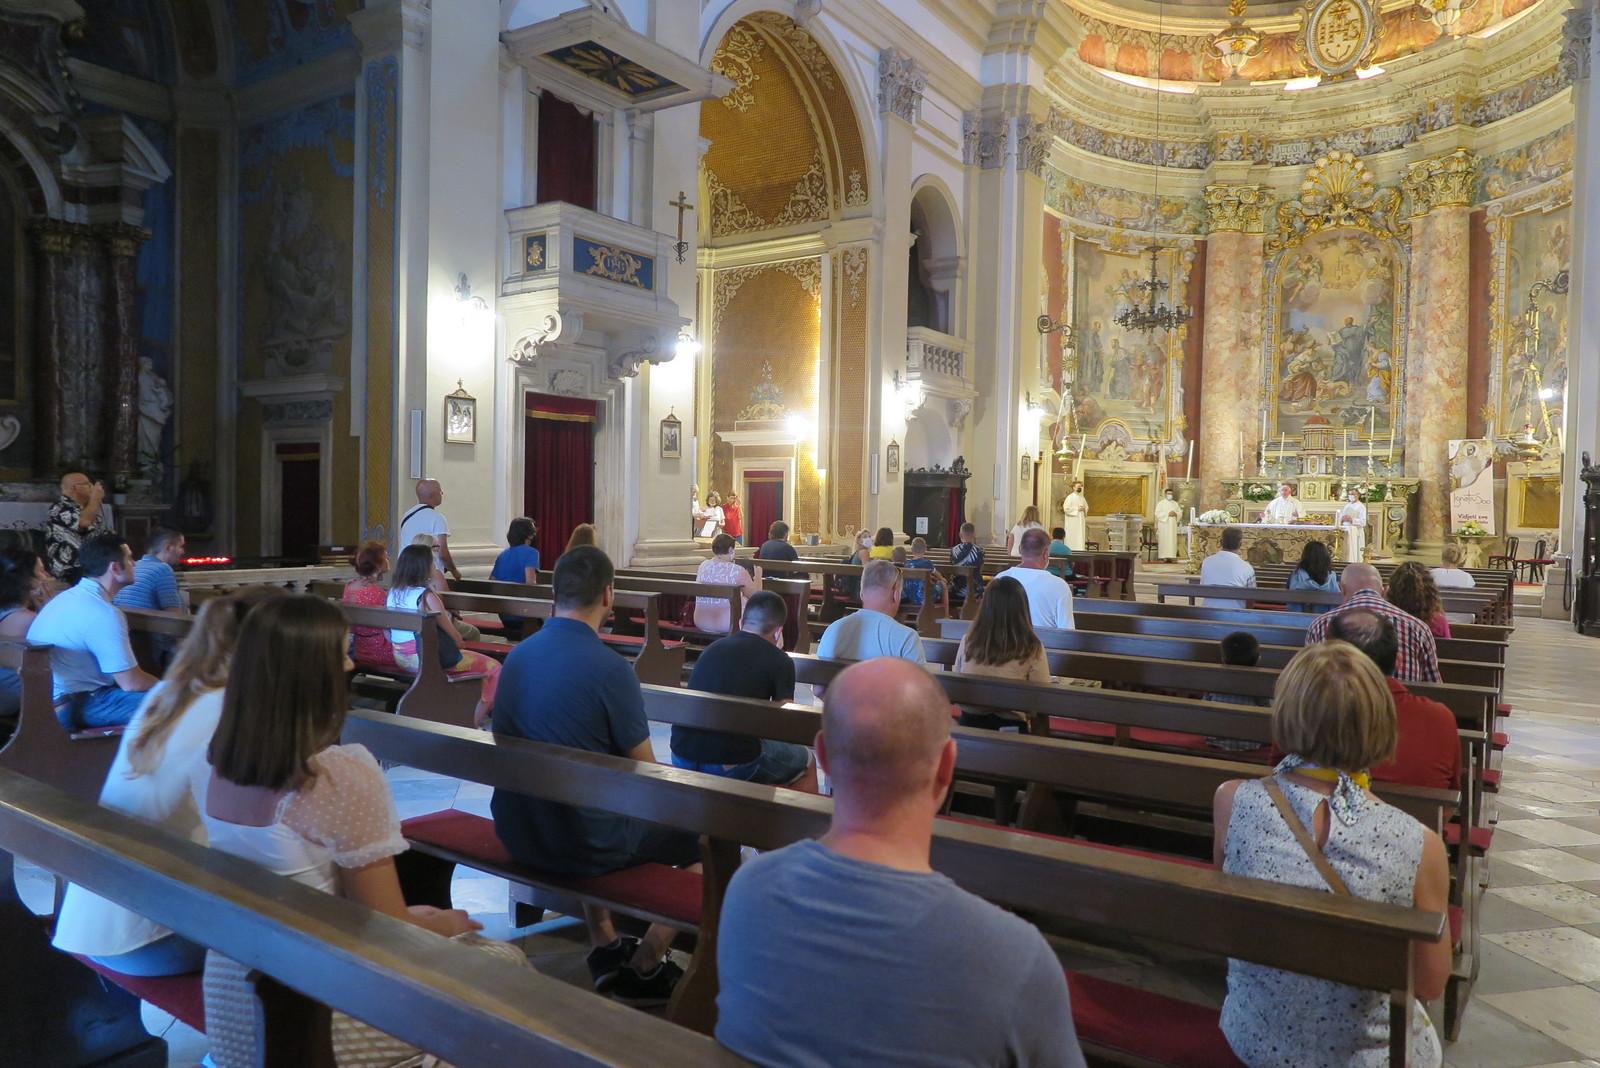 Nadbiskup uzinic otvorio godinu sv ignacija za dubrovacku biskupiju 3